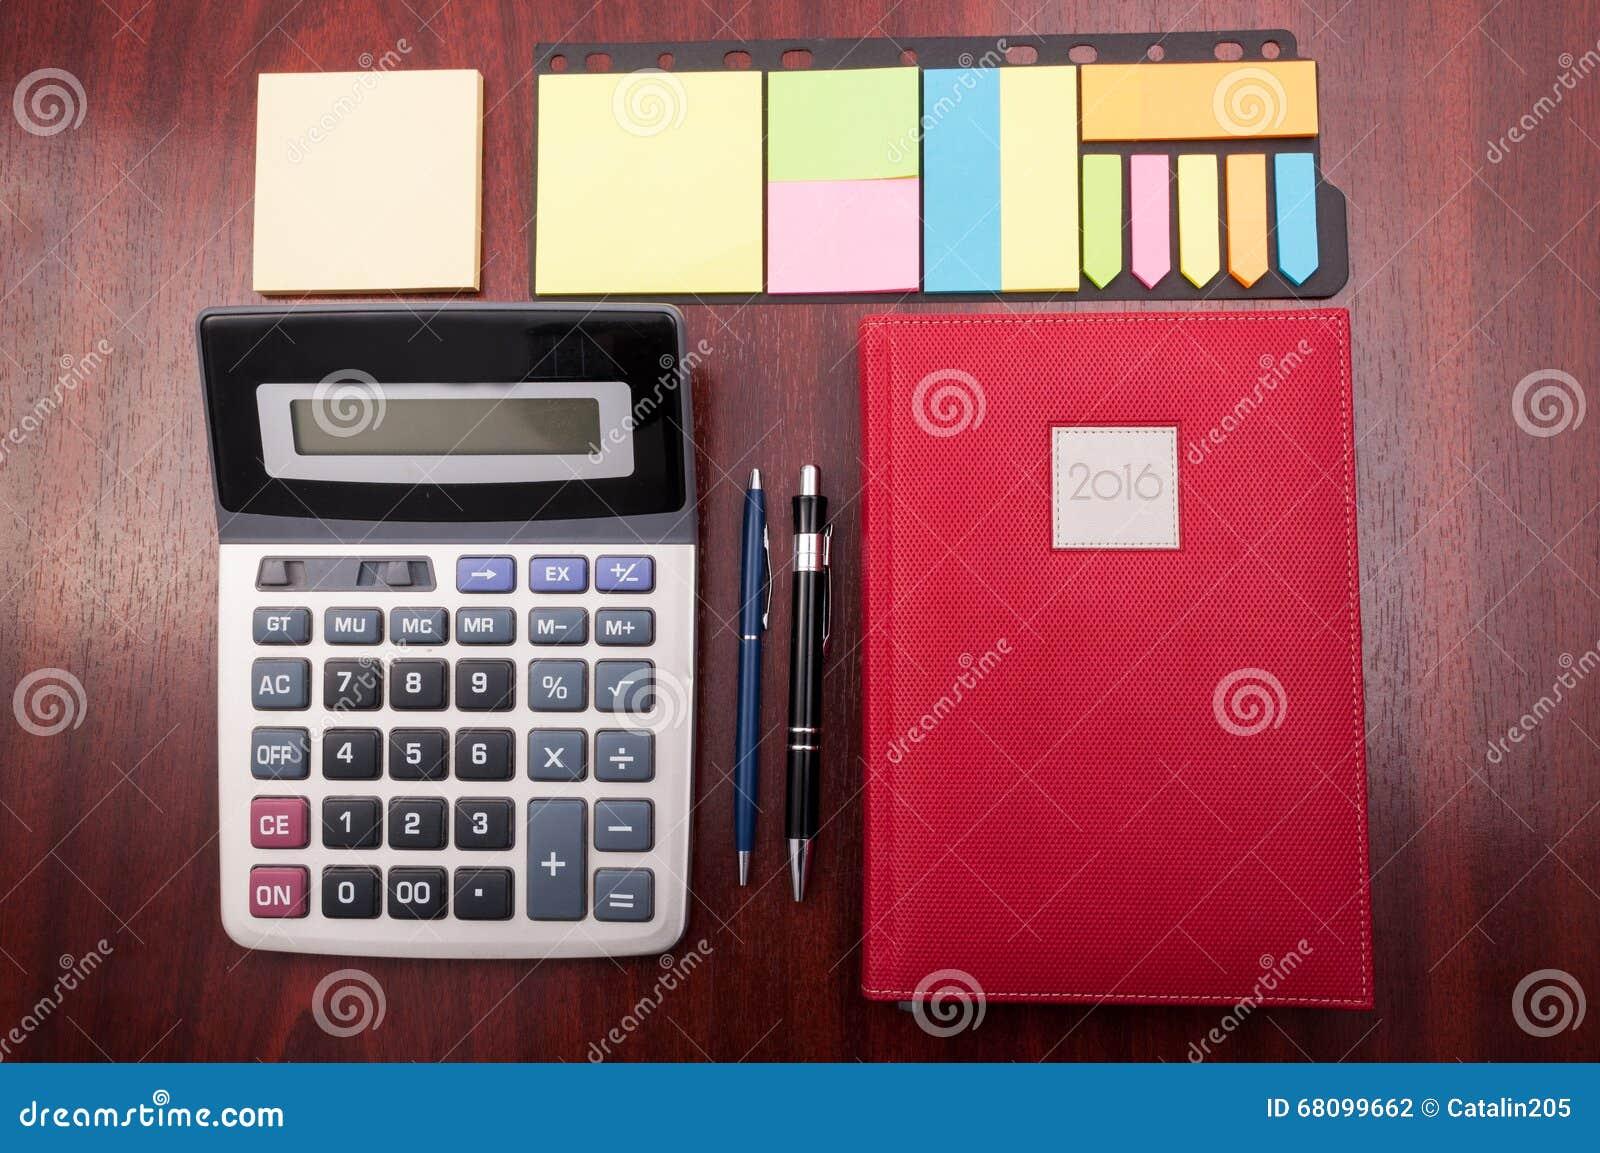 Scrivania Ufficio Organizzata : Vista da sopra della scrivania organizzata di legno fotografia